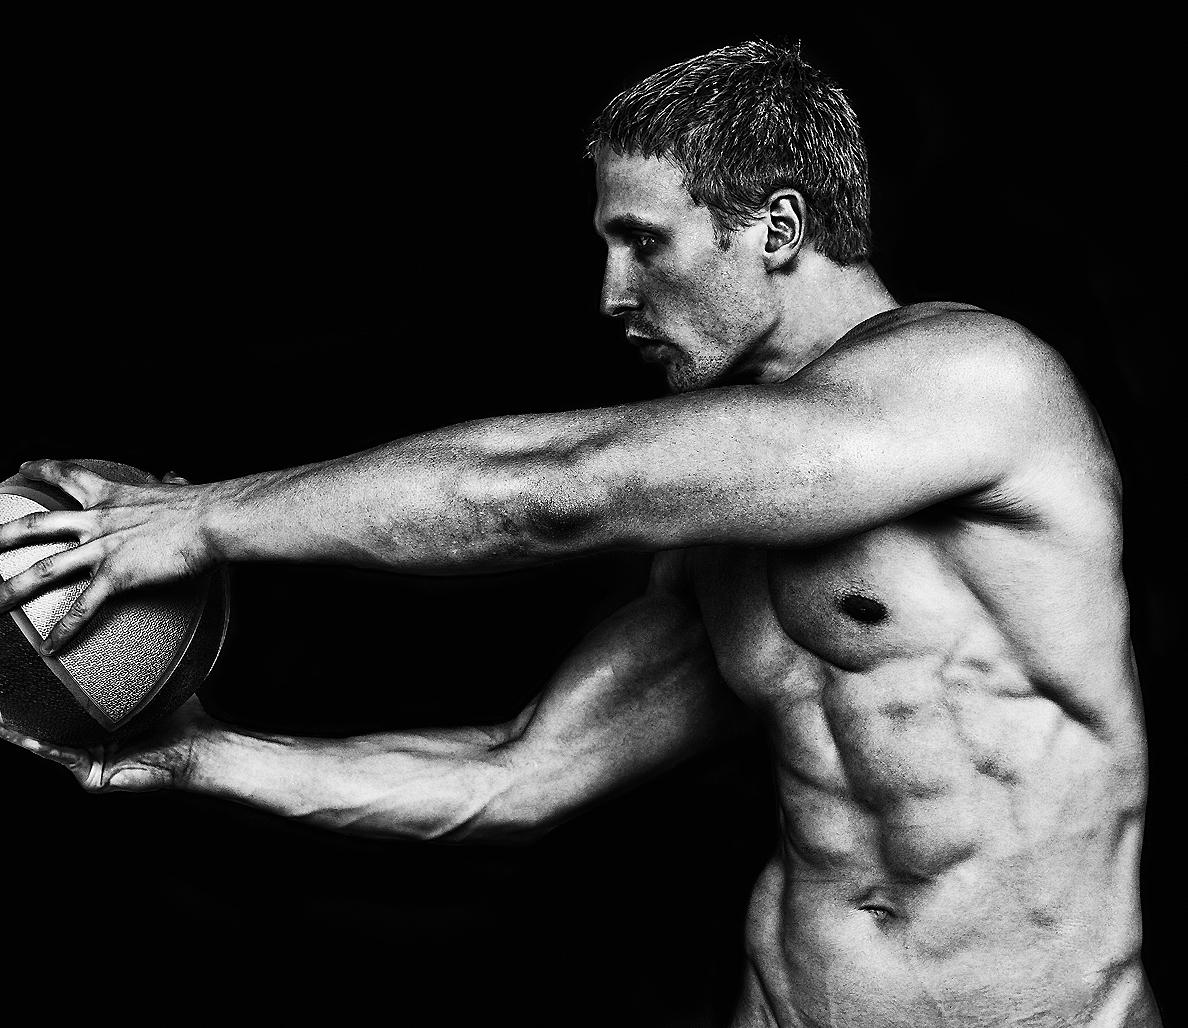 身体前面および背面のセラーぺ:回旋動作のコア(競技動作において、大部分のパワーを生み出すのは股関節の筋群になり、このパワーは運動連鎖によって上へ向かい「硬く」なったコアを通じて腕に伝達される)